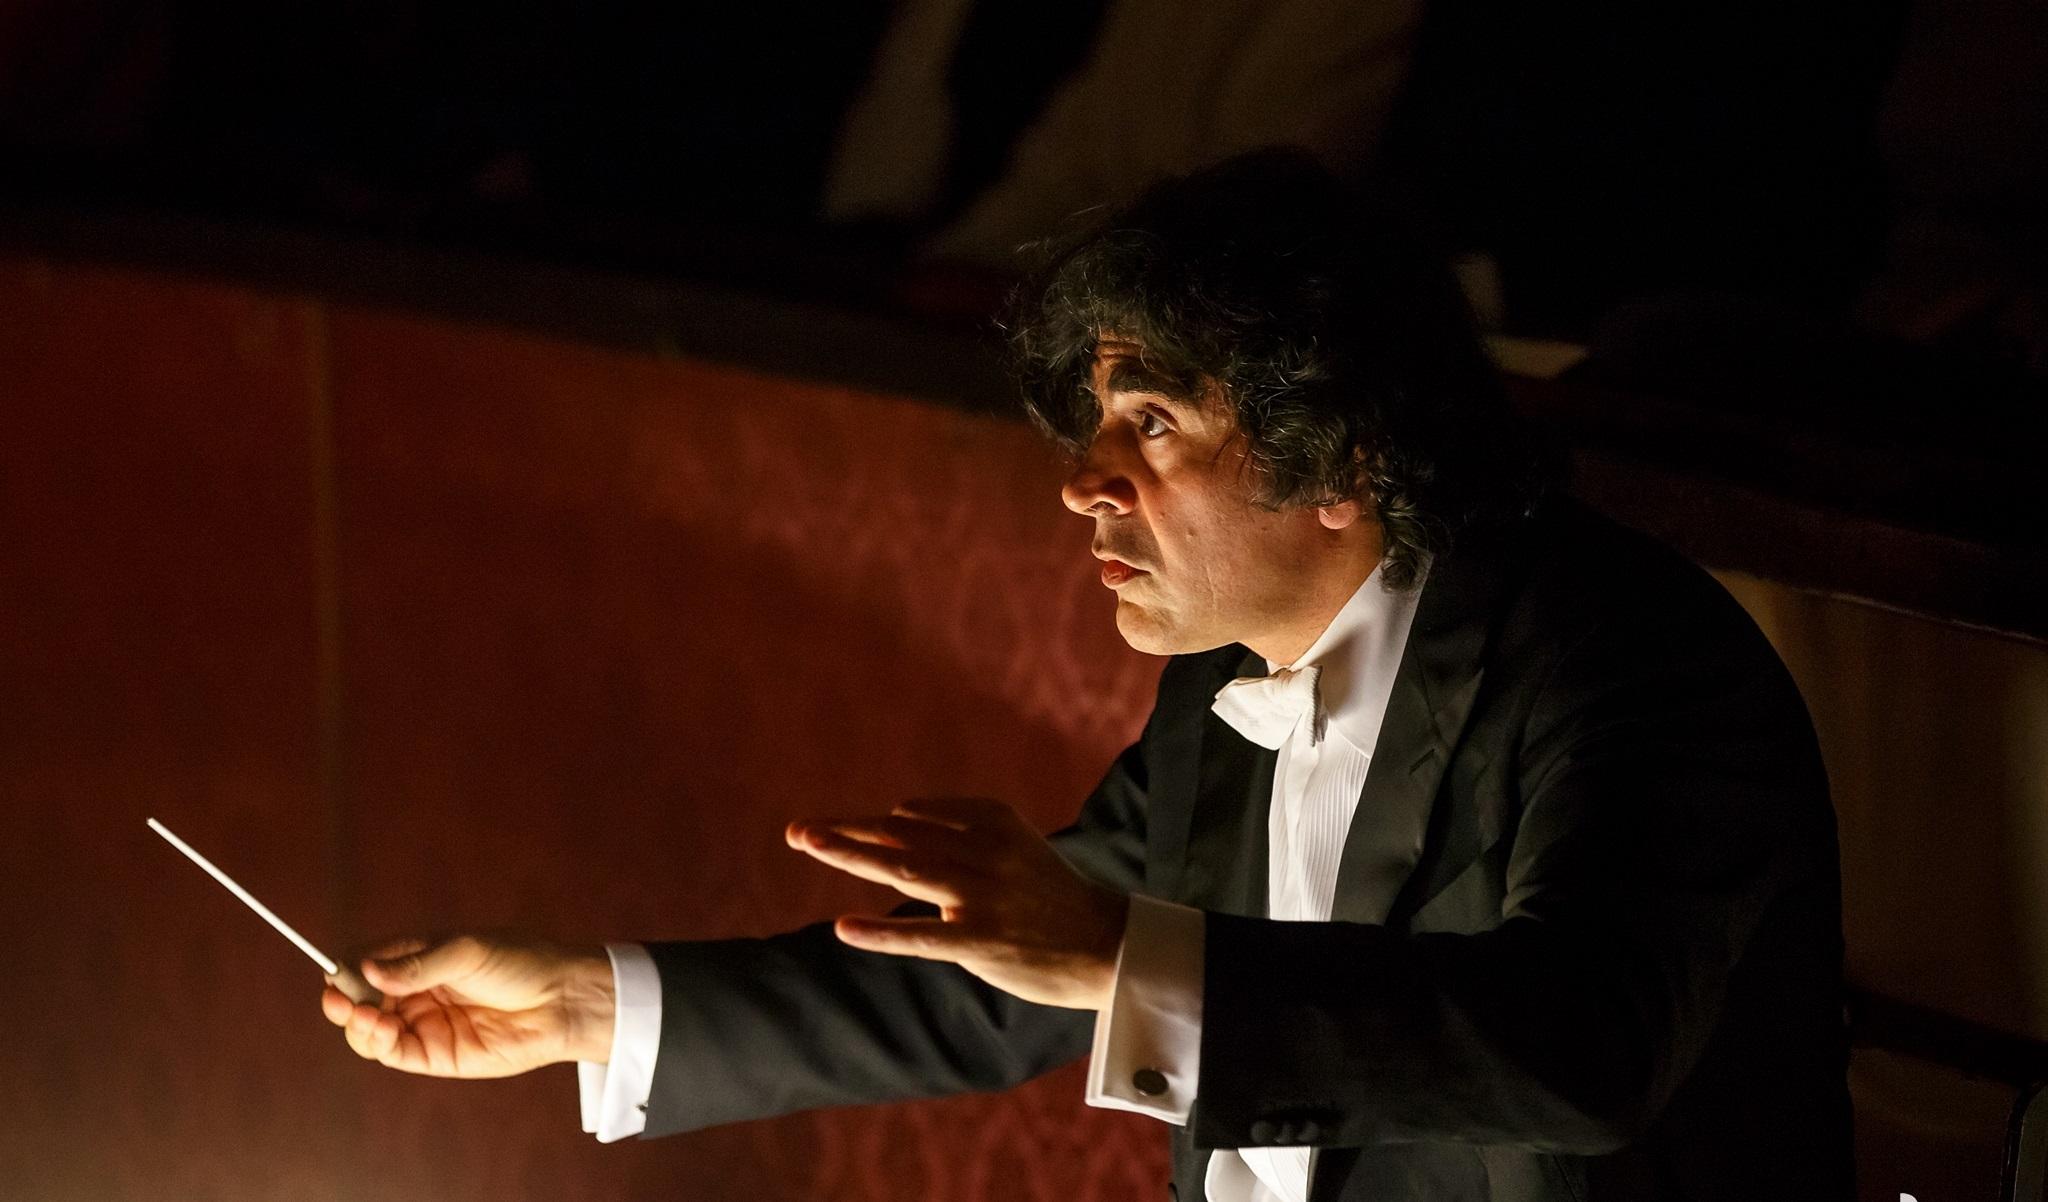 IL FESTIVAL PUCCINI INAUGURA LA 34.a EDIZIONE DEL FESTIVAL INTERNAZIONALE DI MUSICA SINFONICA